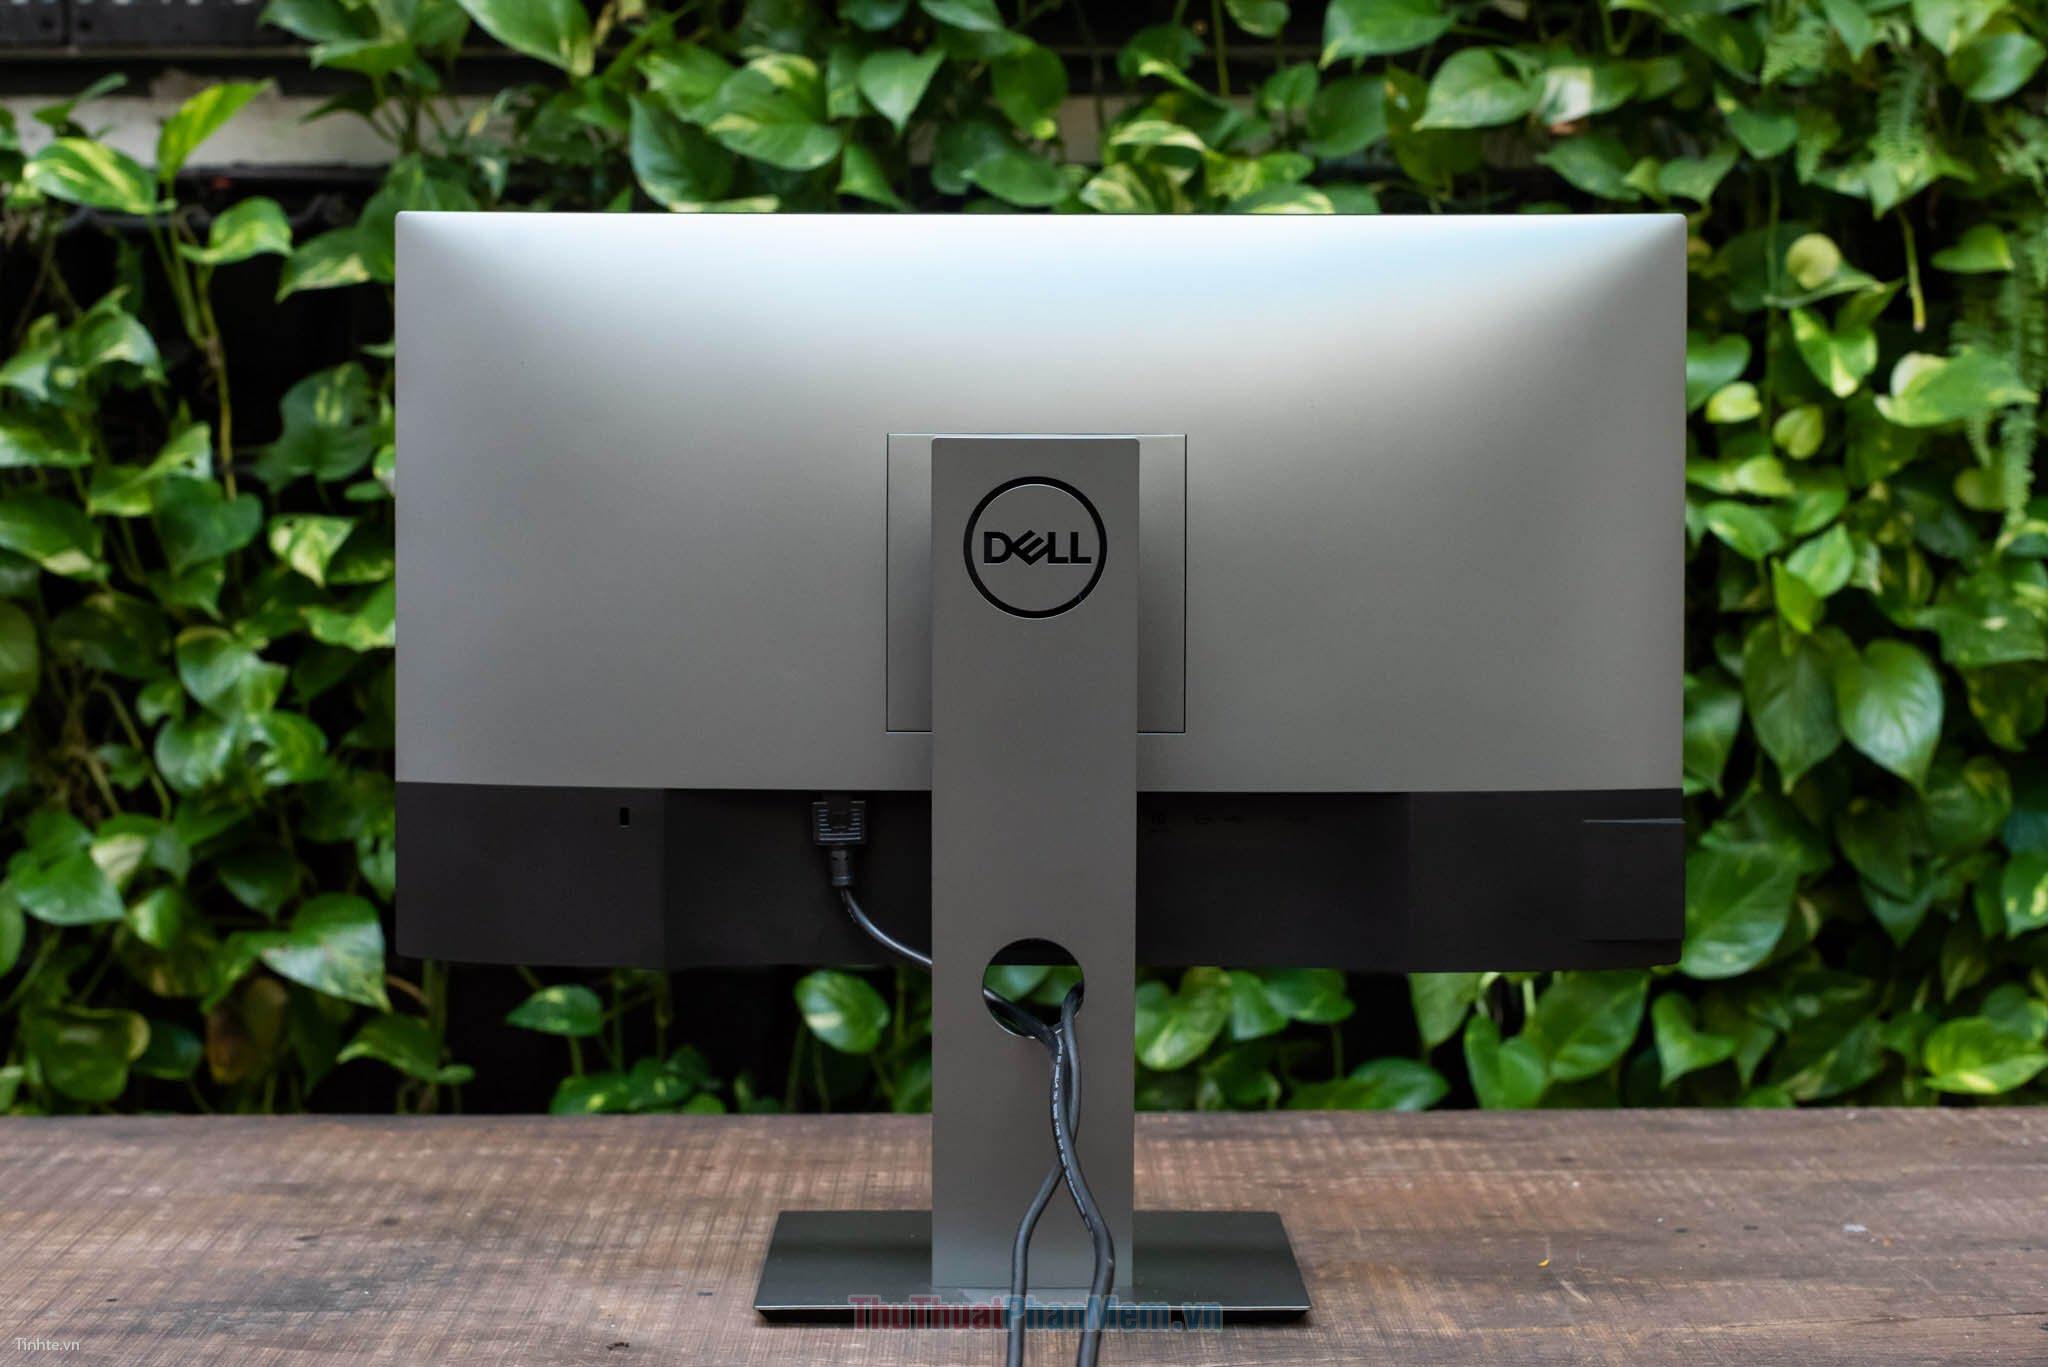 Dell gồm 2 dòng sản phẩm là Dell Ultrasharp và Dell Ultrasharp Professional